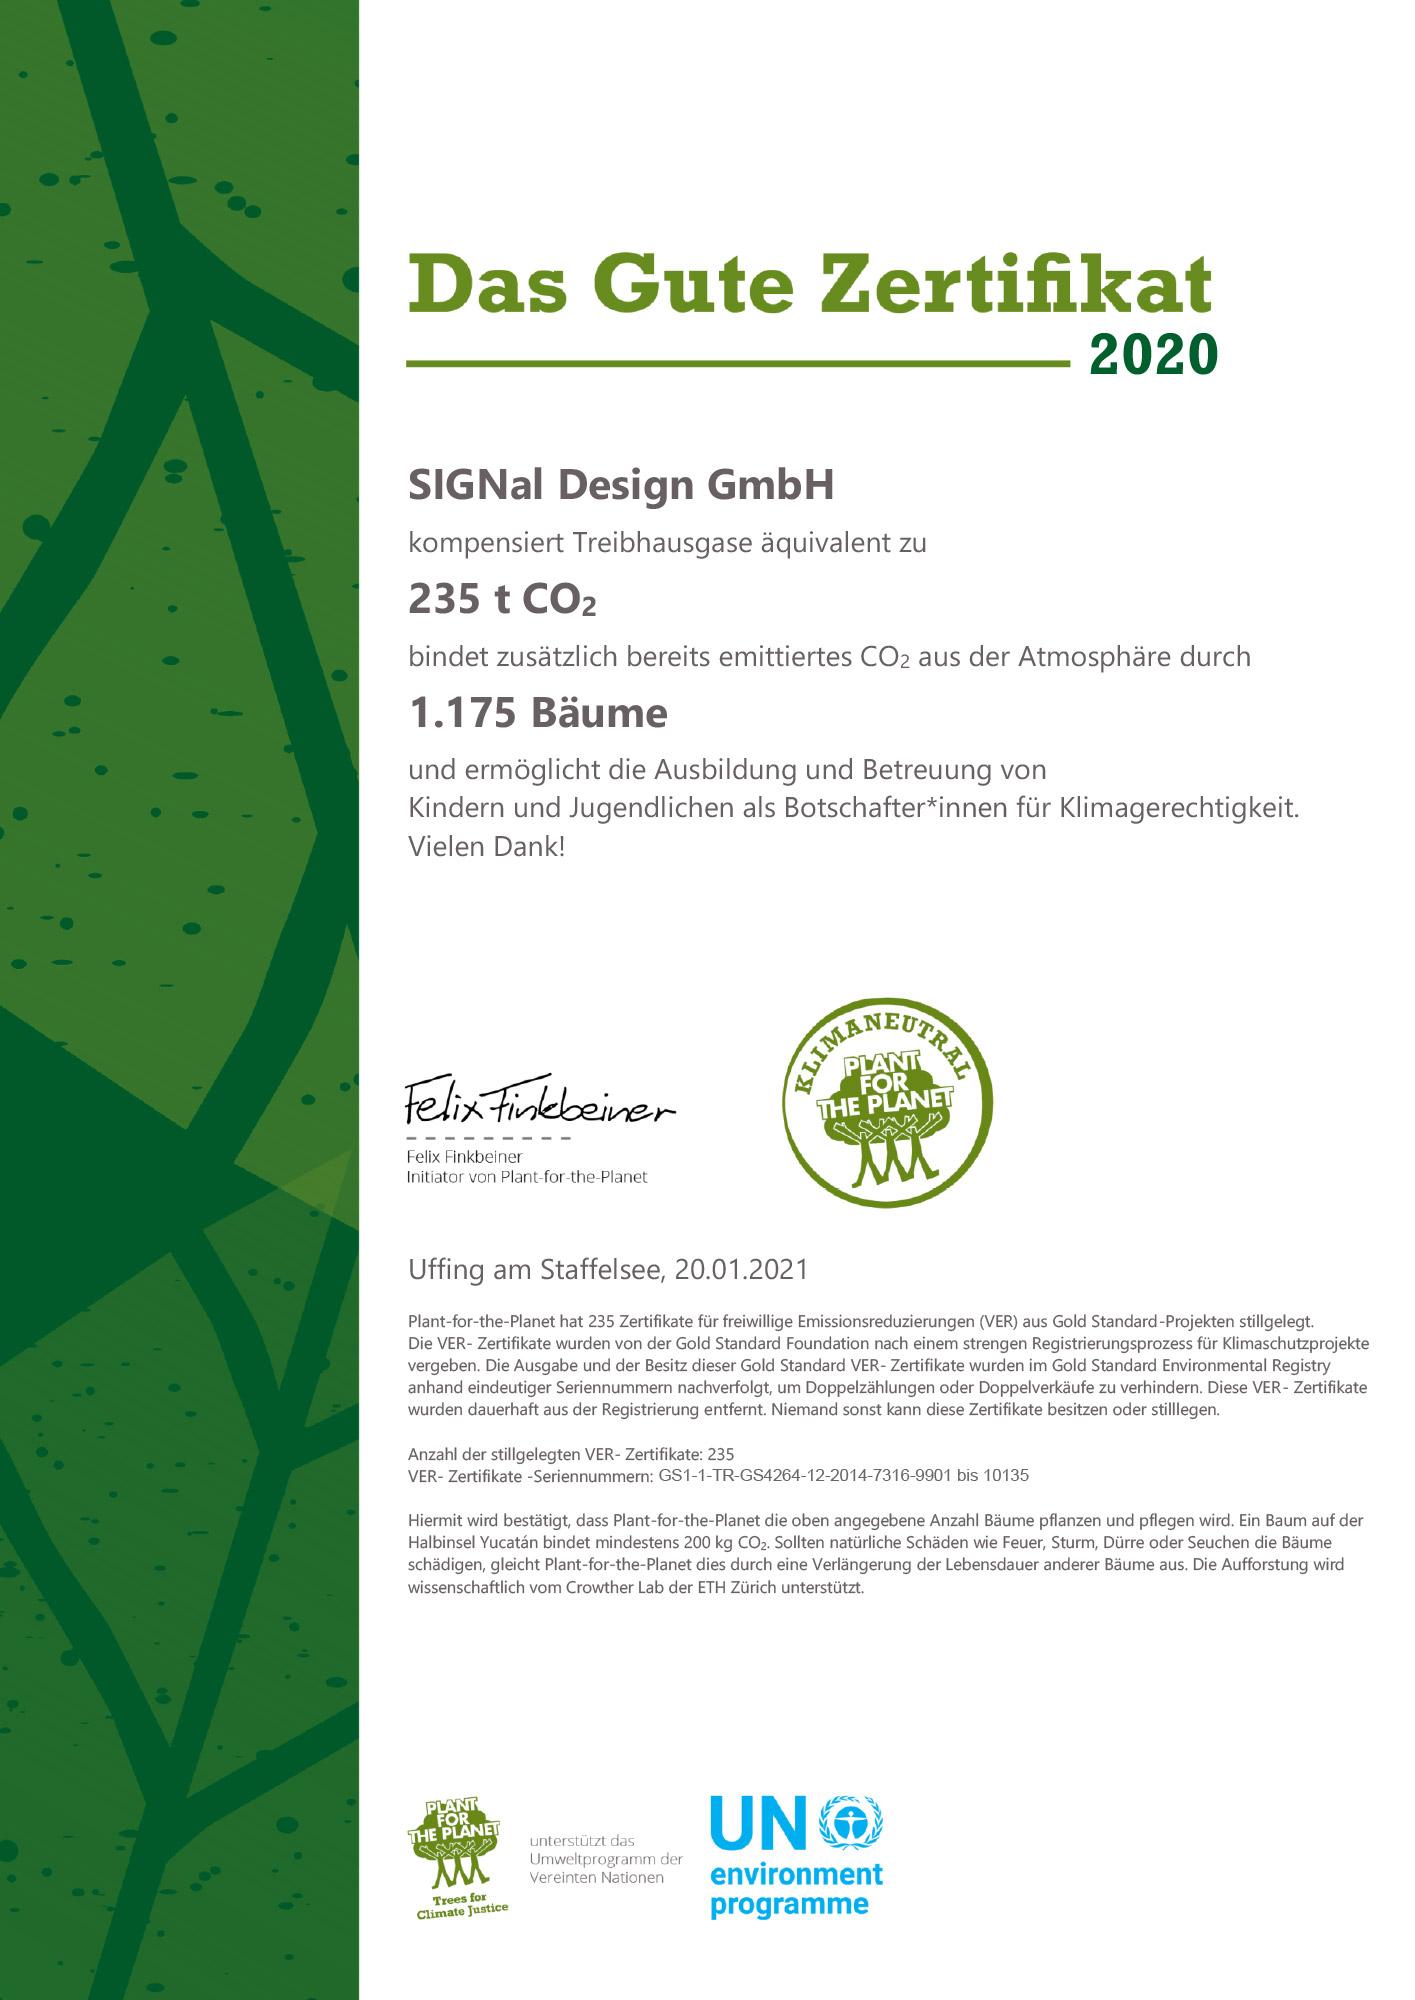 nachhaltigkeit-zertifikat-signal